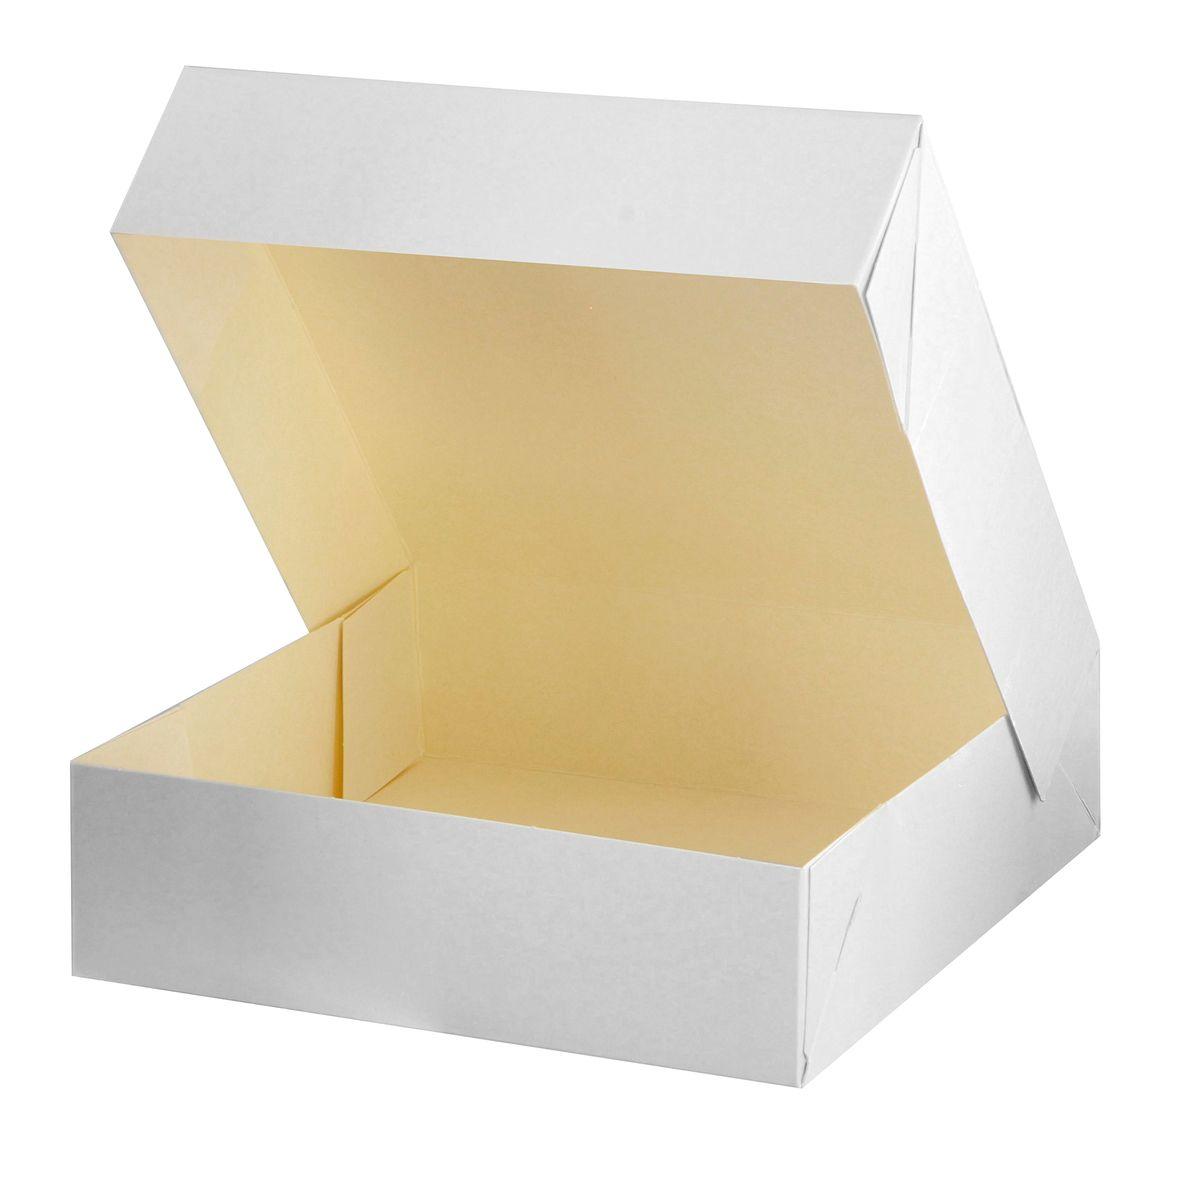 Boîte à gâteaux blanche 18 x 18 x 5 cm - Patisdecor